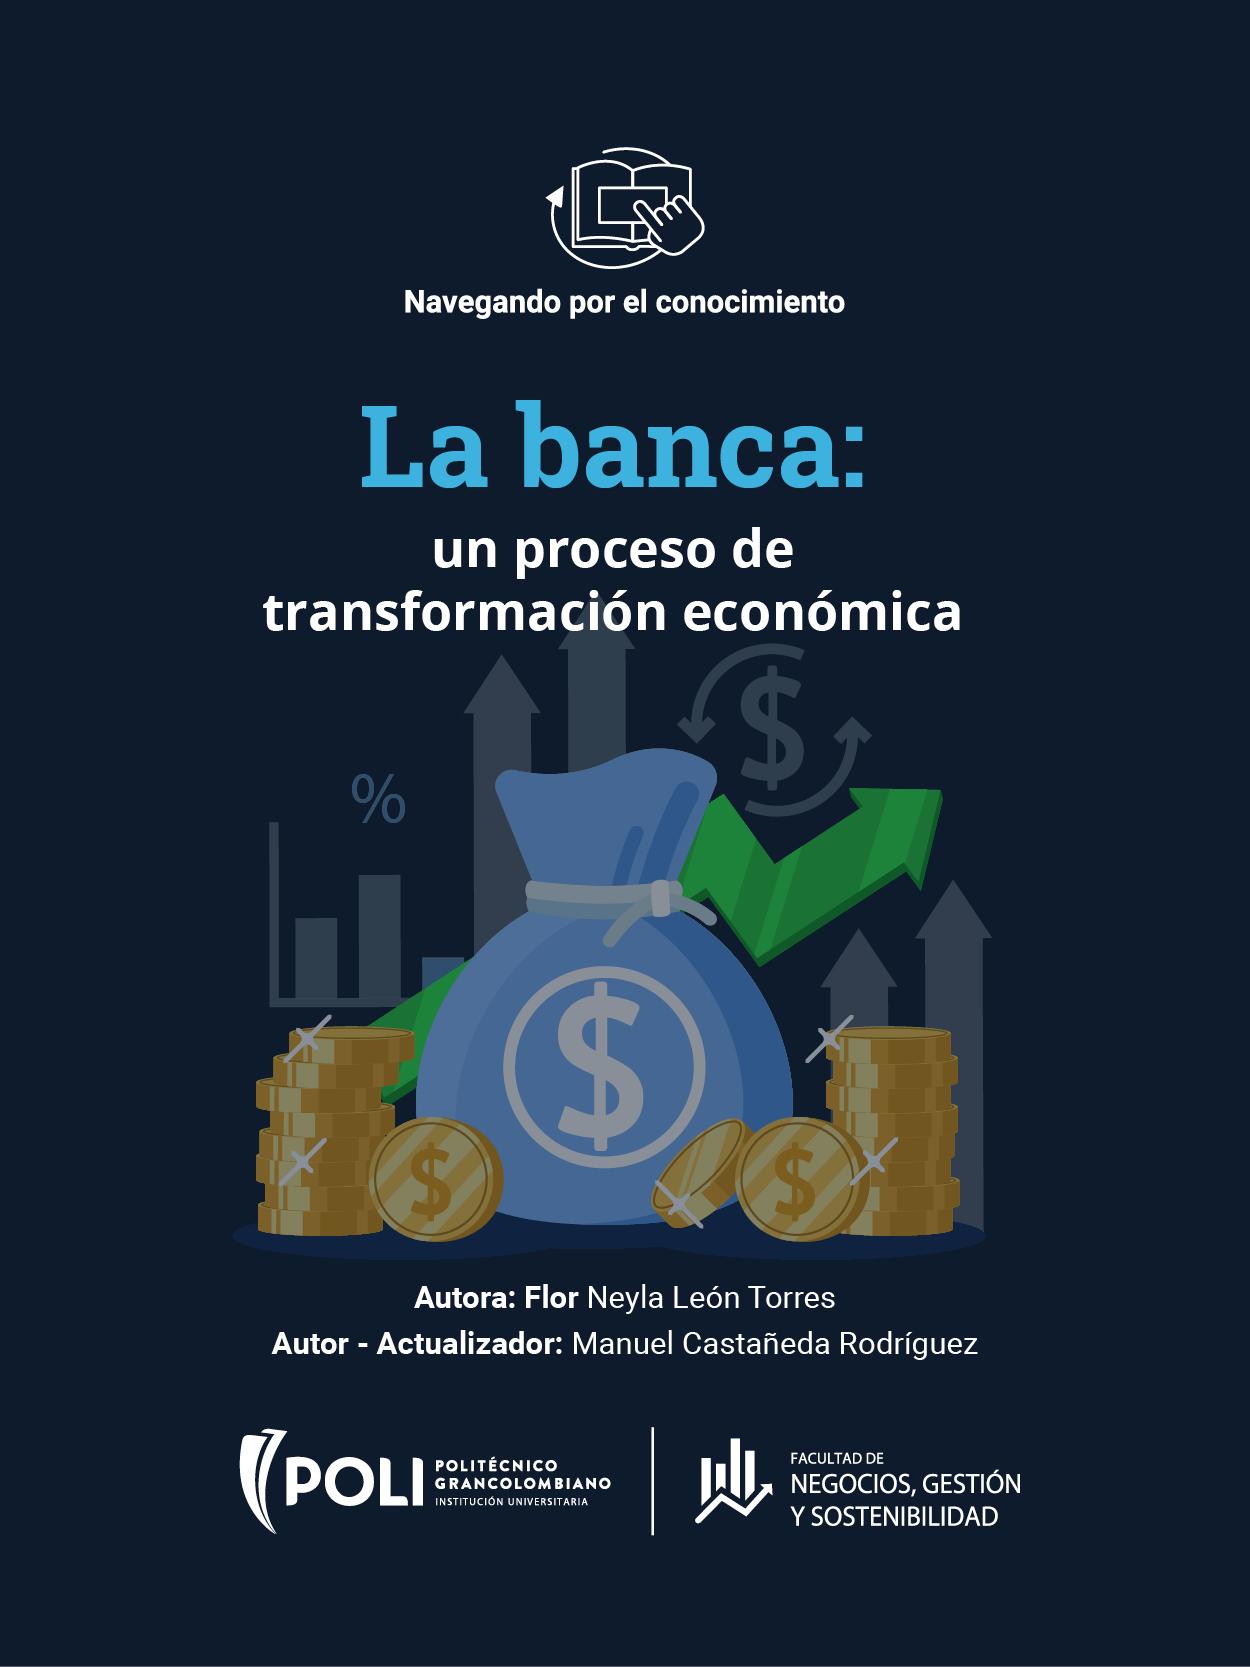 La banca, un proceso de transformación económica